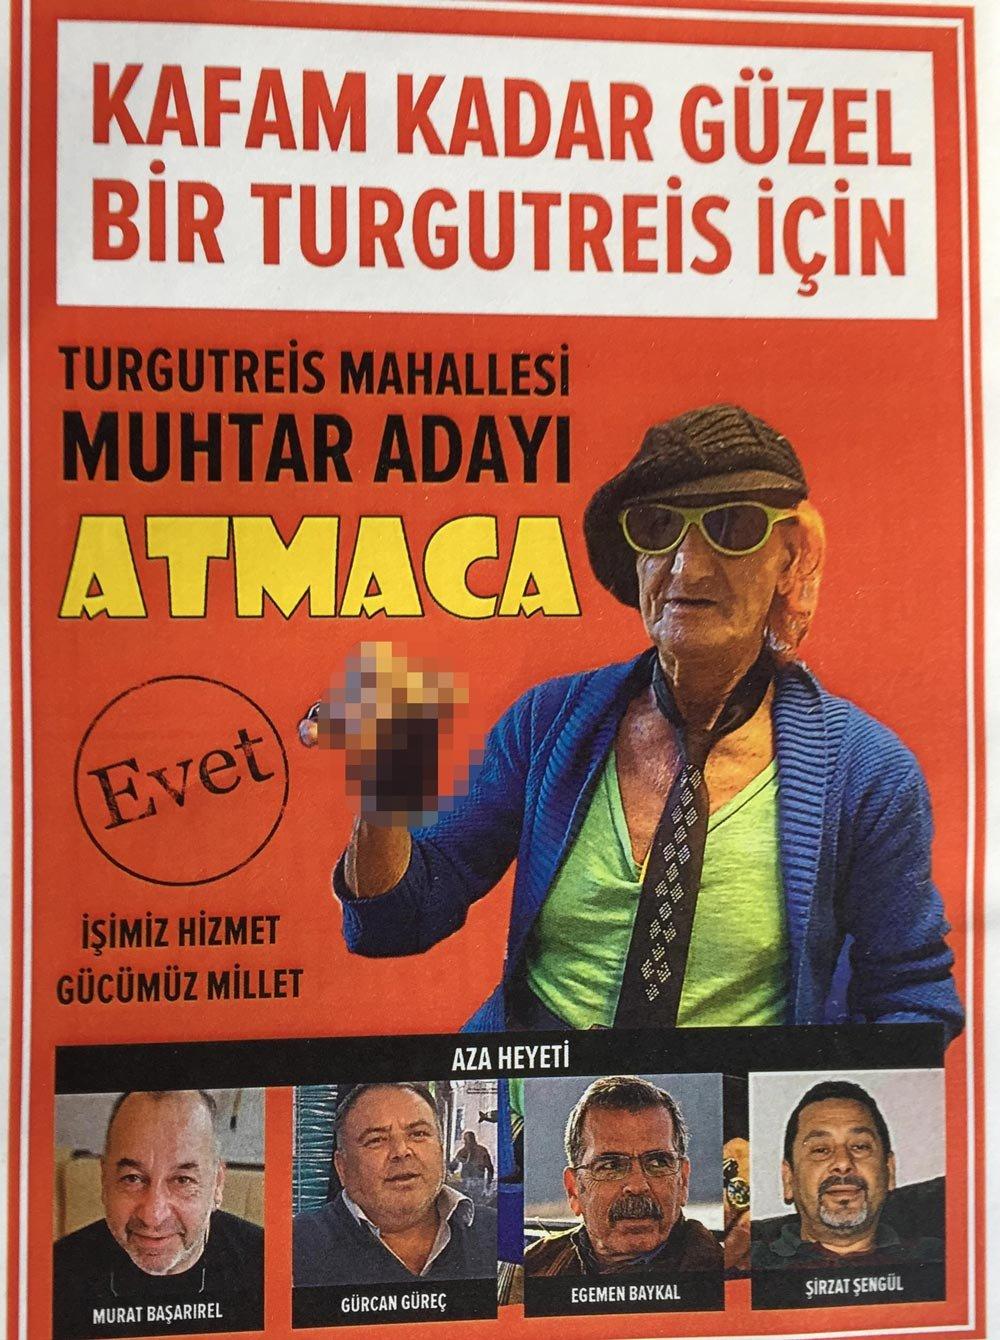 İşte Mustafa Atmaca'ya şaka olsun diye hazırlanan seçim afişi...